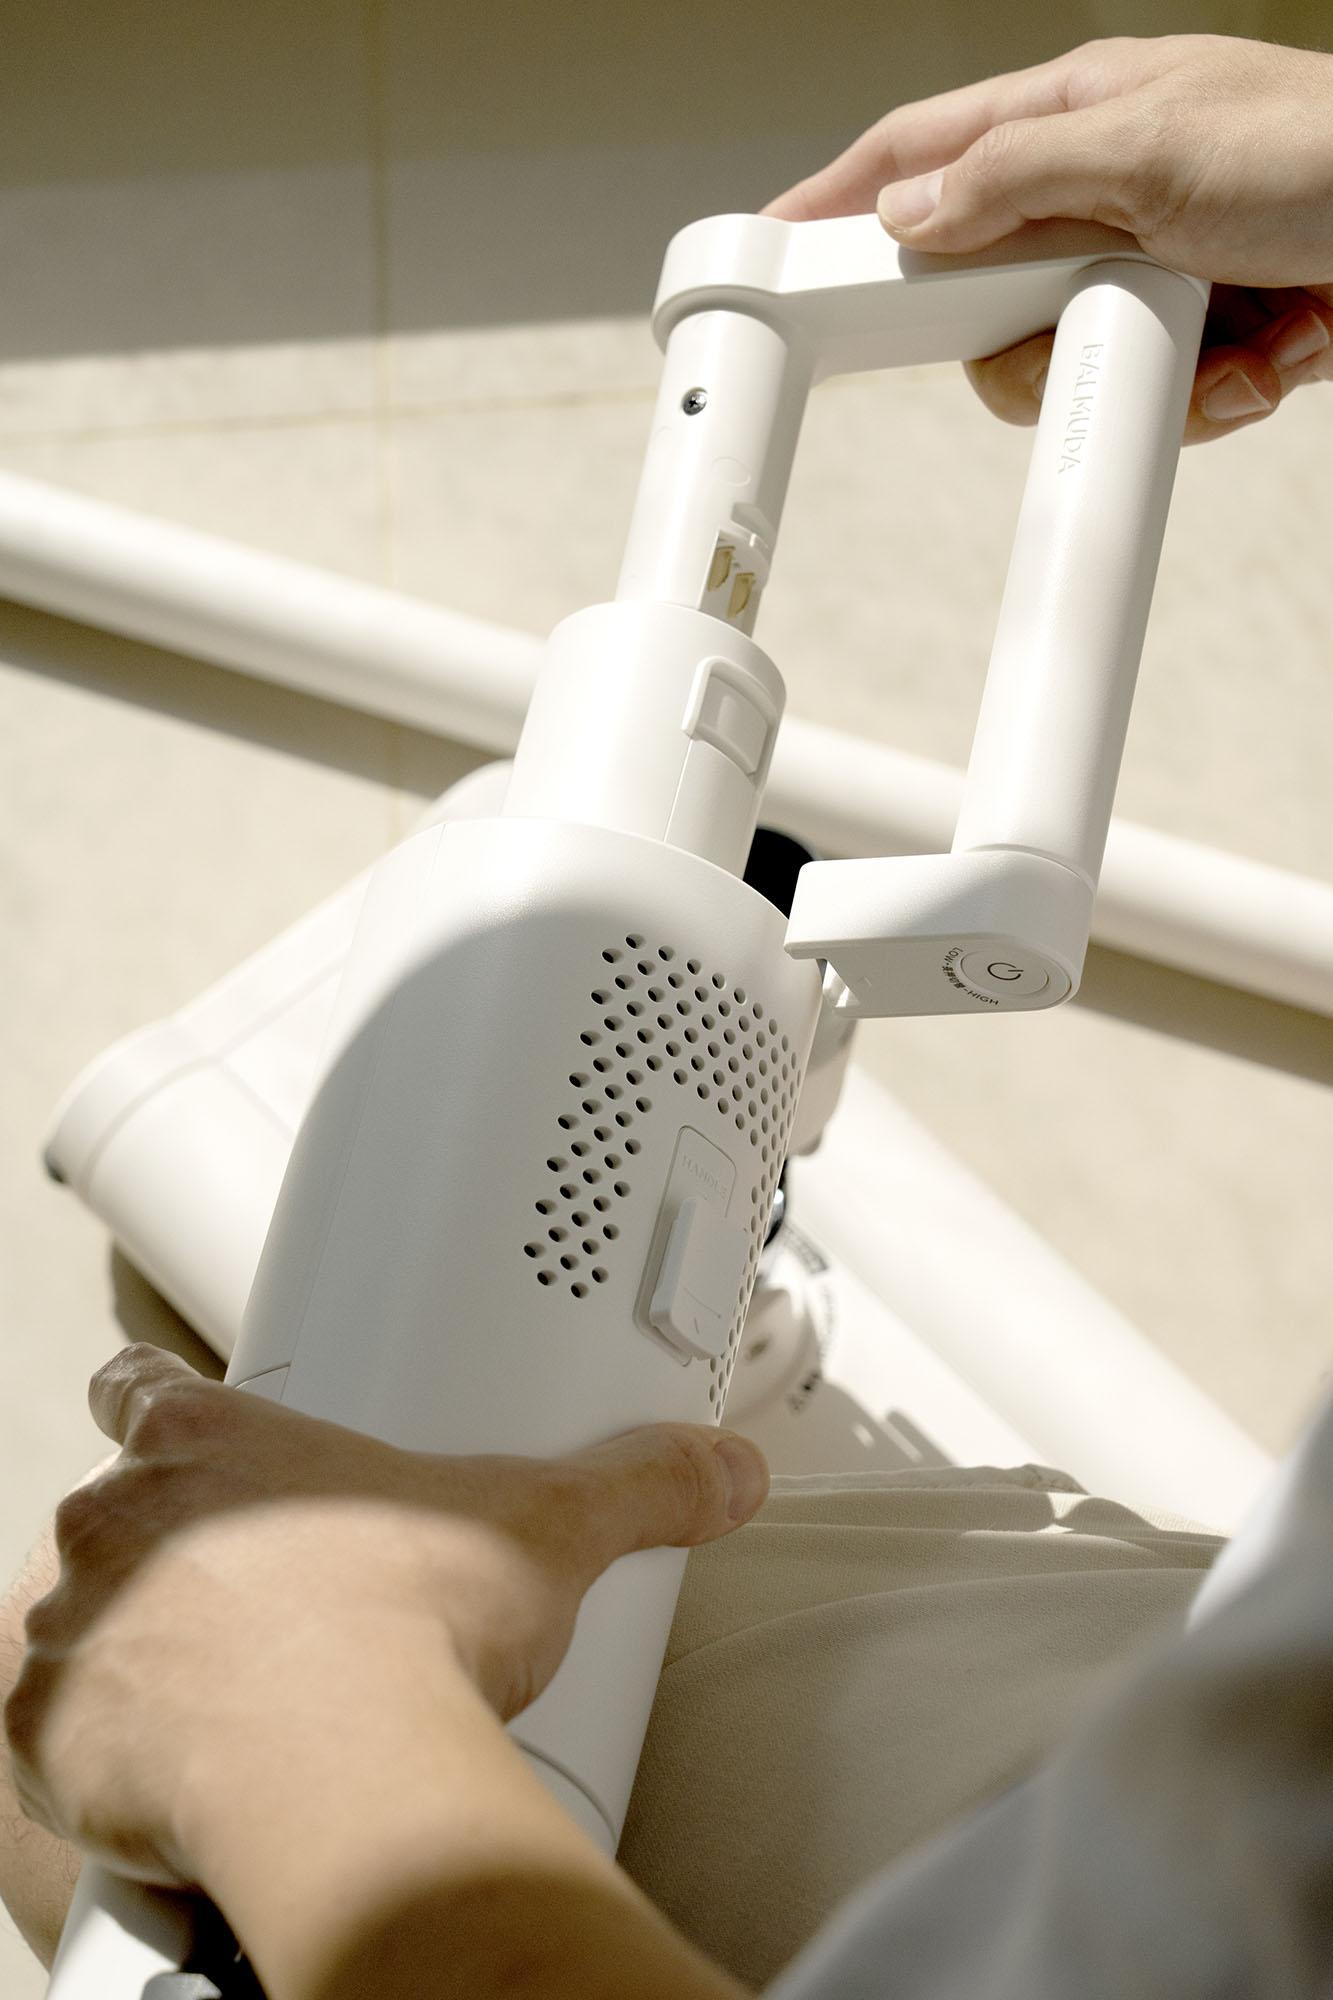 居家最喜歡的白,是BALMUDA The Cleaner 無線吸塵器的白,讓日子輕鬆保持最舒心的白淨。